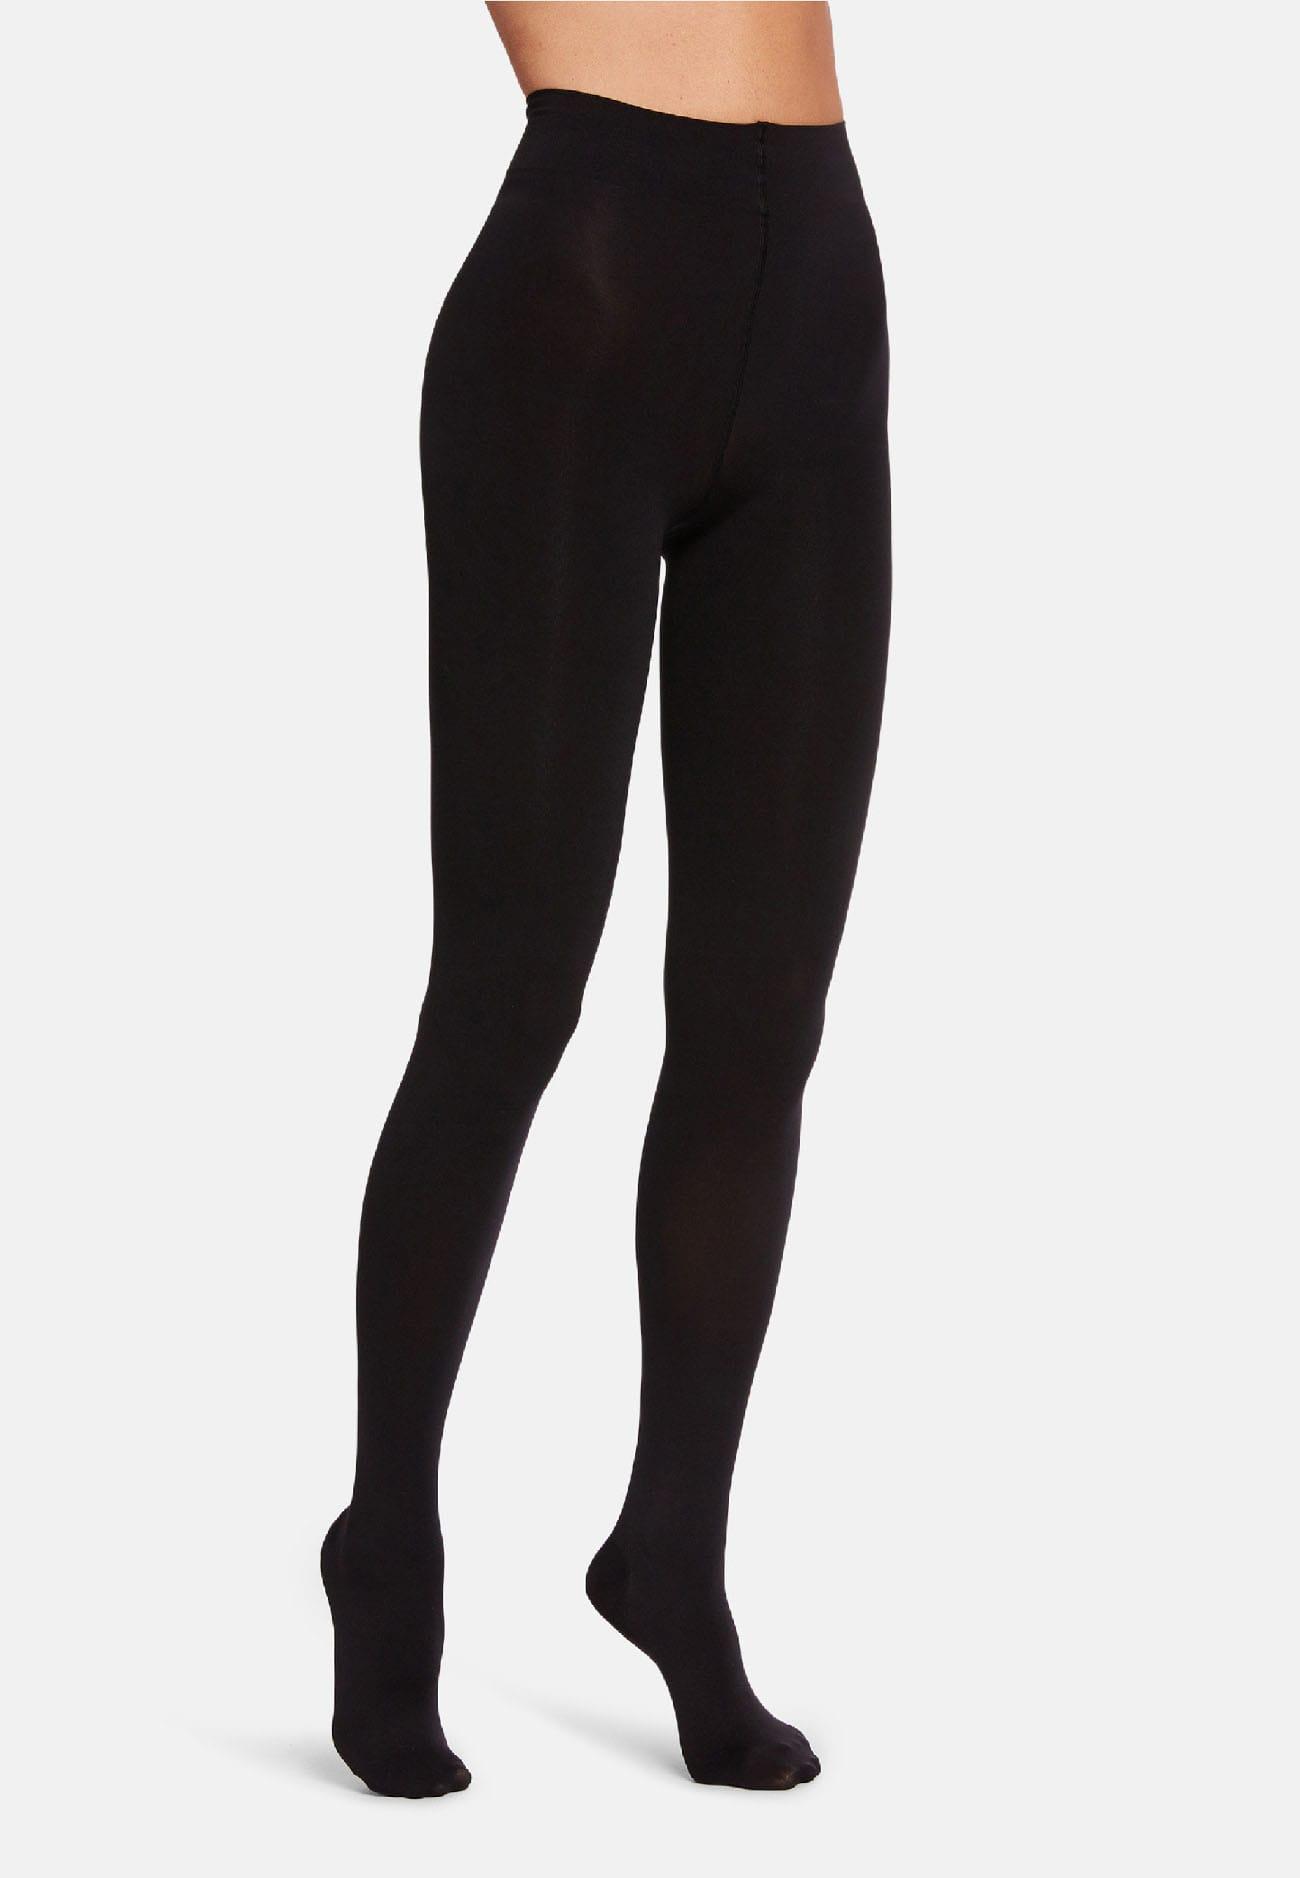 14553 Velvet 66 leg support Tights